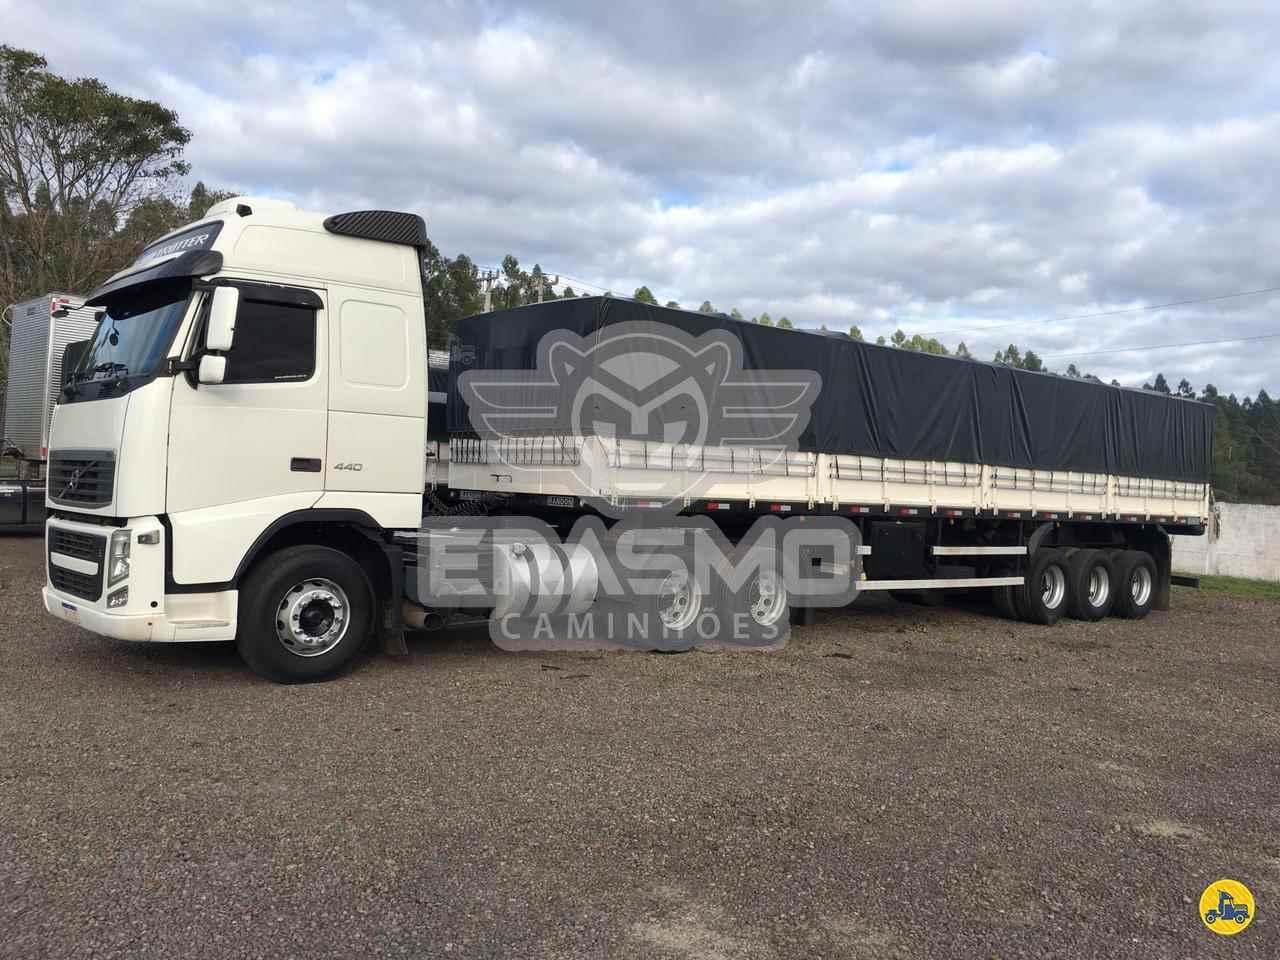 CAMINHAO VOLVO VOLVO FH 440 Graneleiro Truck 6x2 Erasmo Caminhões TUBARAO SANTA CATARINA SC